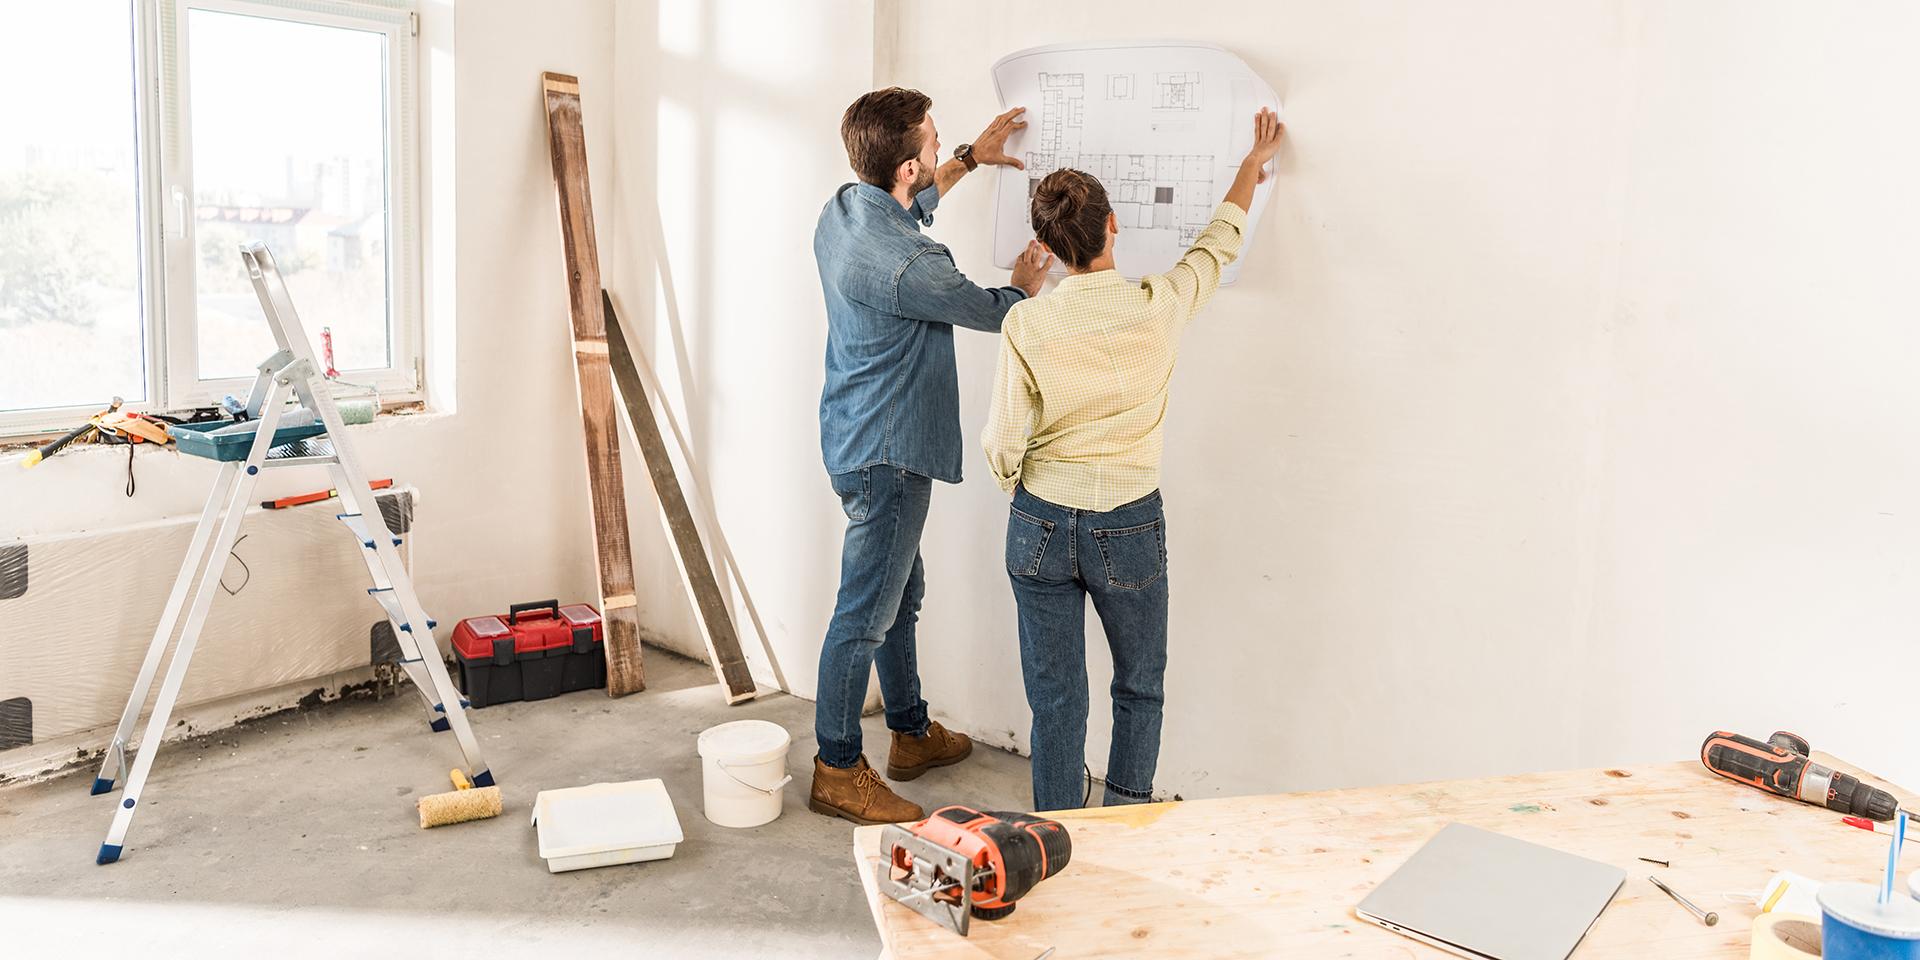 Выбирая банк и подходящие условия ипотеки, закладывайте бюджет и на ремонт нового дома